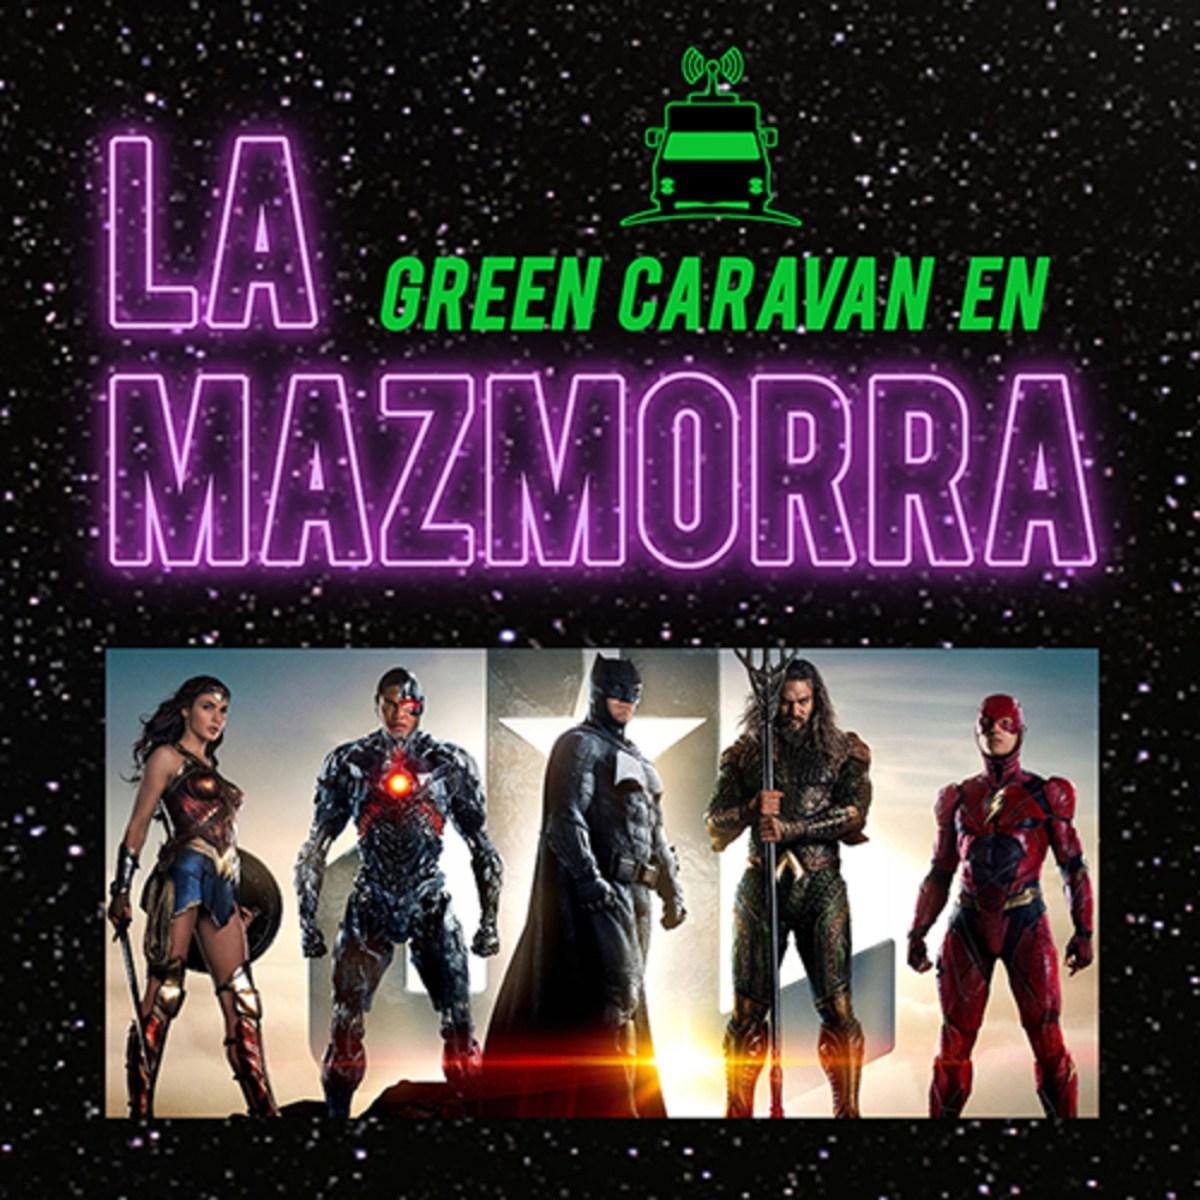 Green Caravan en la mazmorra # 1 – Películas del universo cinematográfico de DC